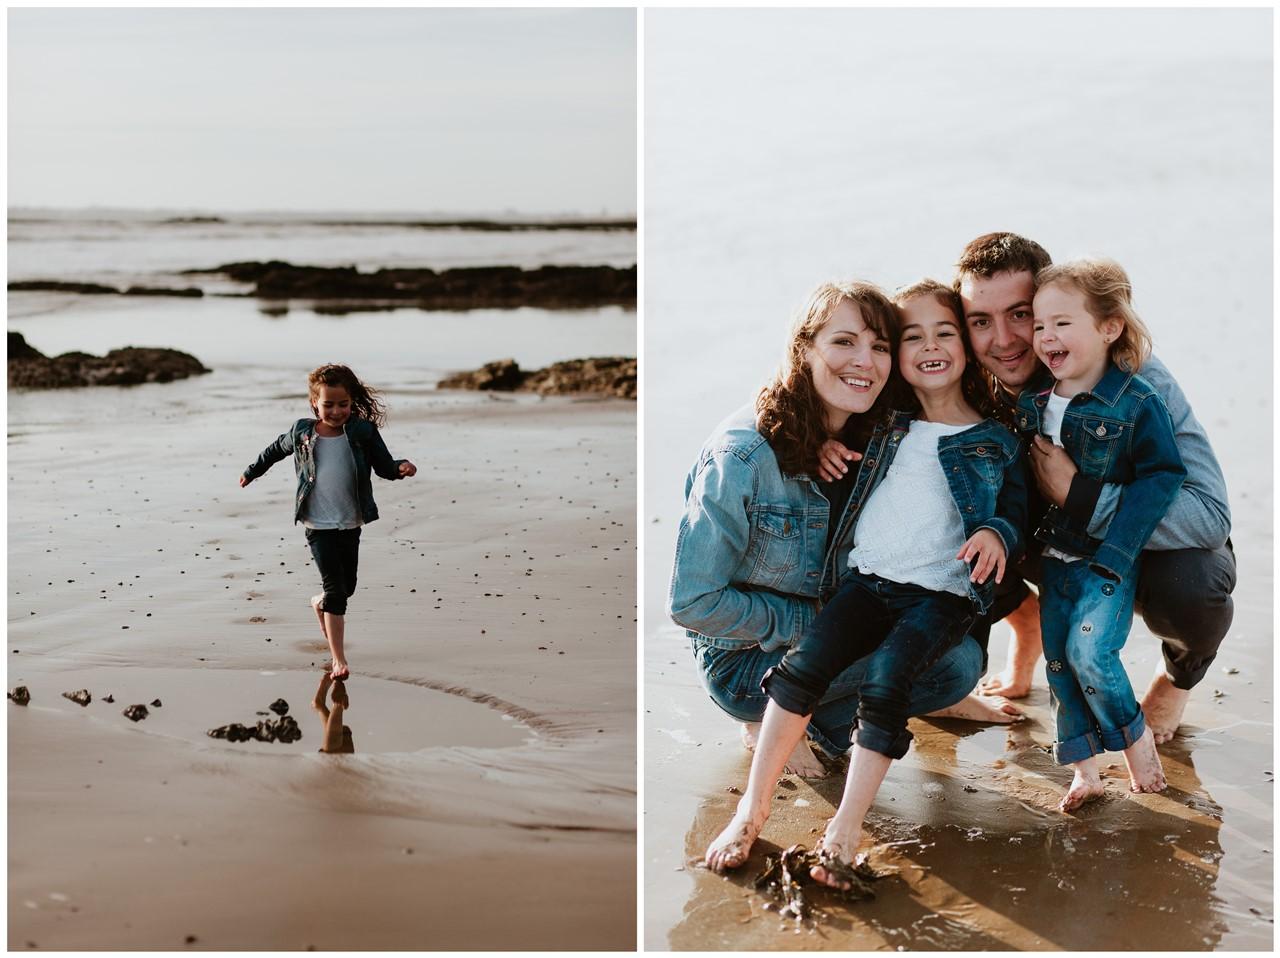 séance famille plage mer pornic portrait famille petit fille courir